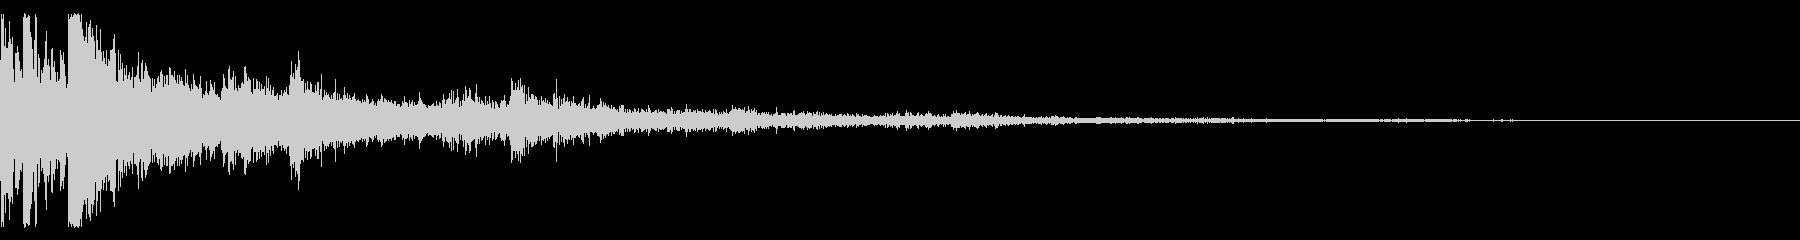 テレレン 下降 トイピアノ リバーブの未再生の波形